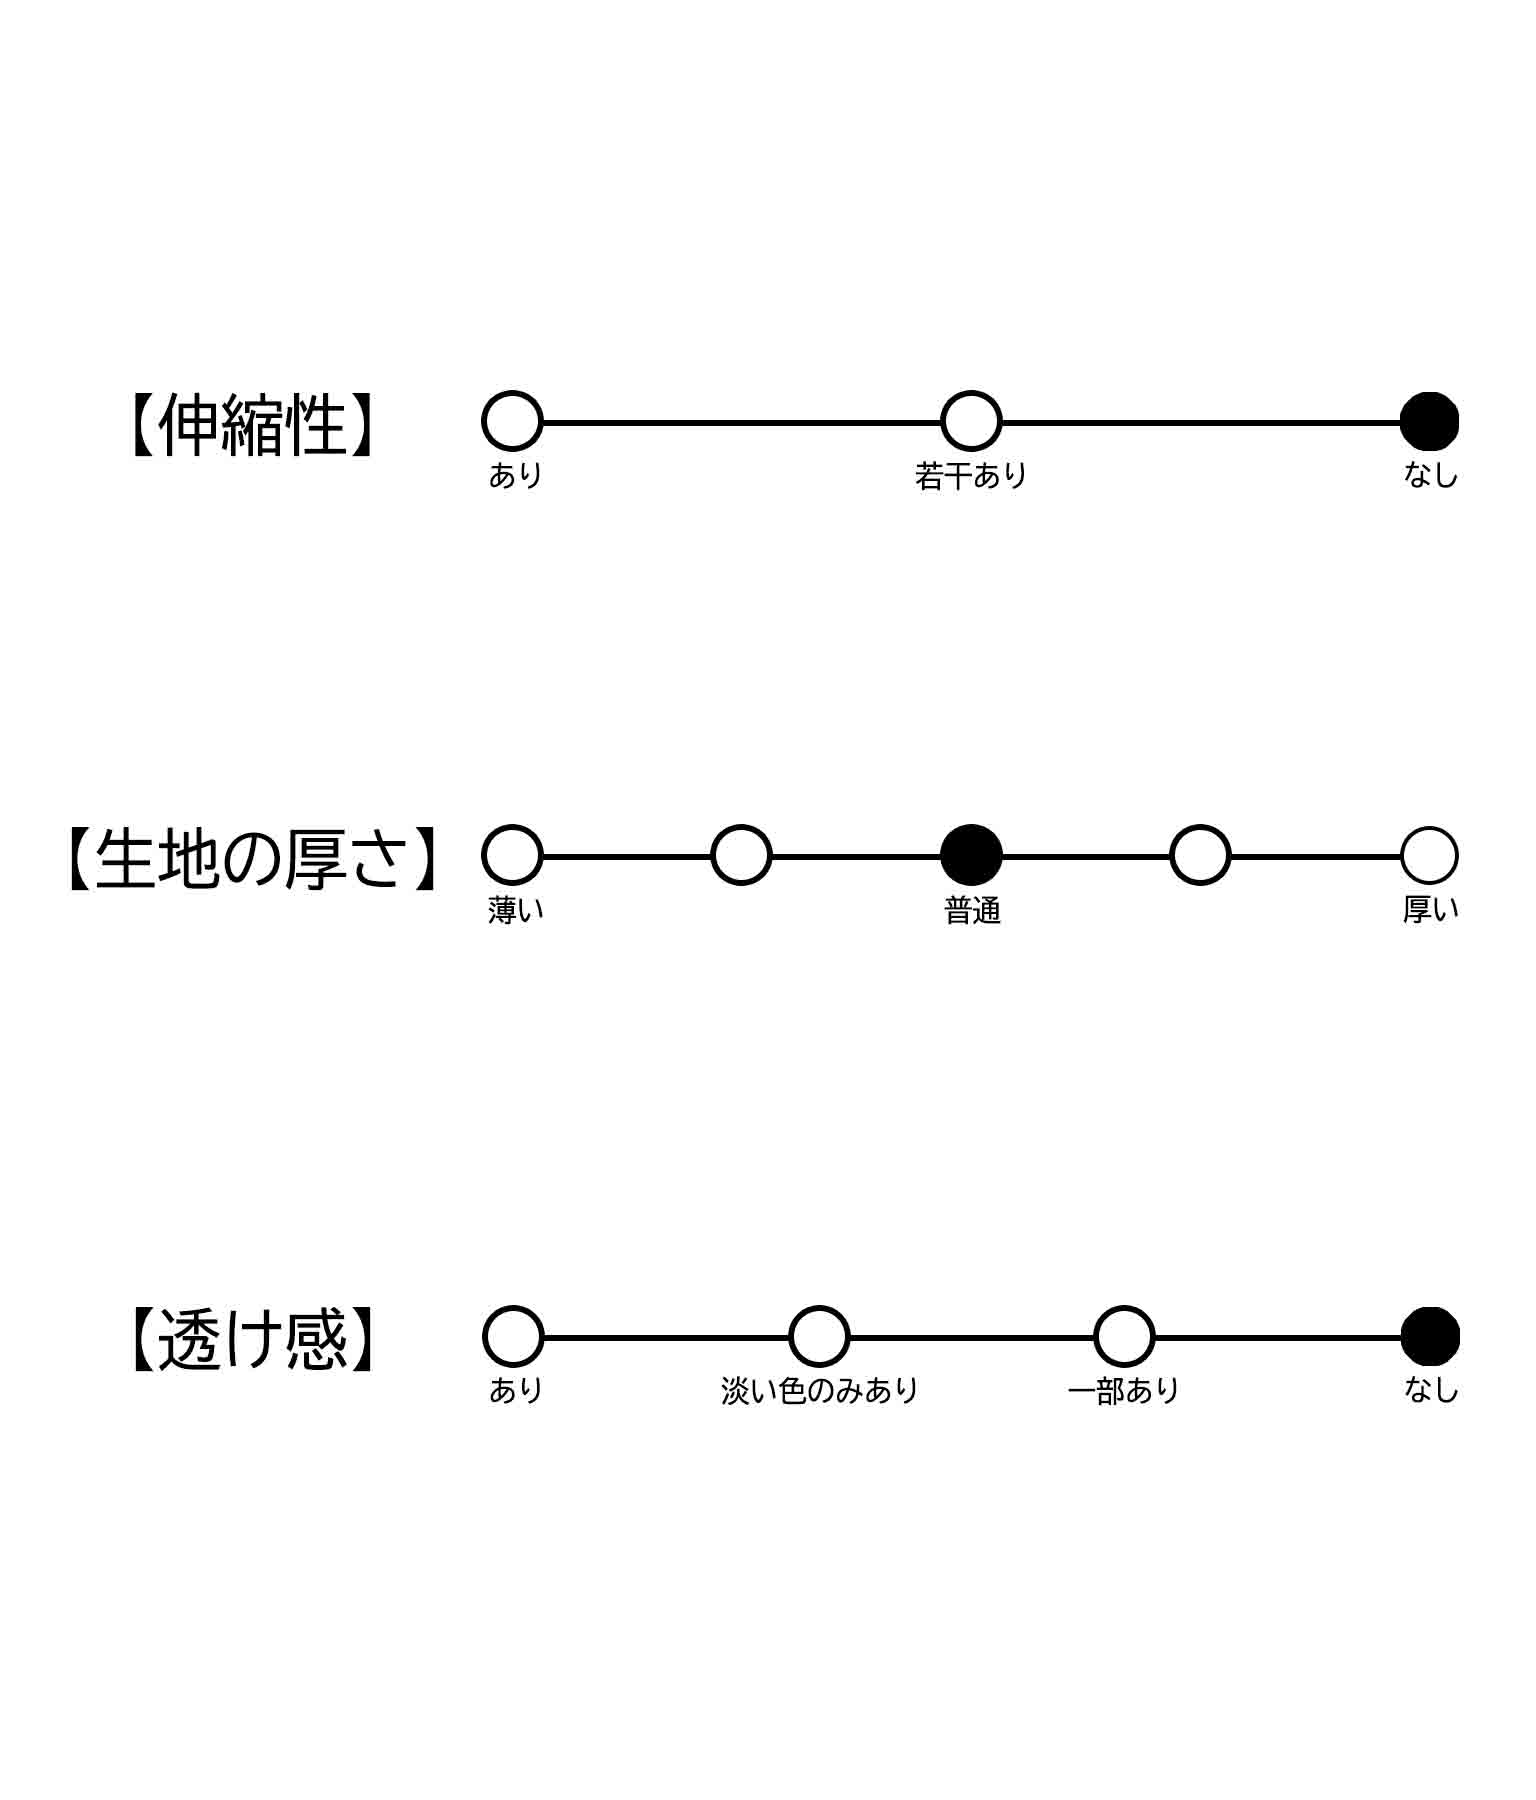 ベルト付きサイドプリーツワンピース(ワンピース・ドレス/ミディアムワンピ) | CHILLE